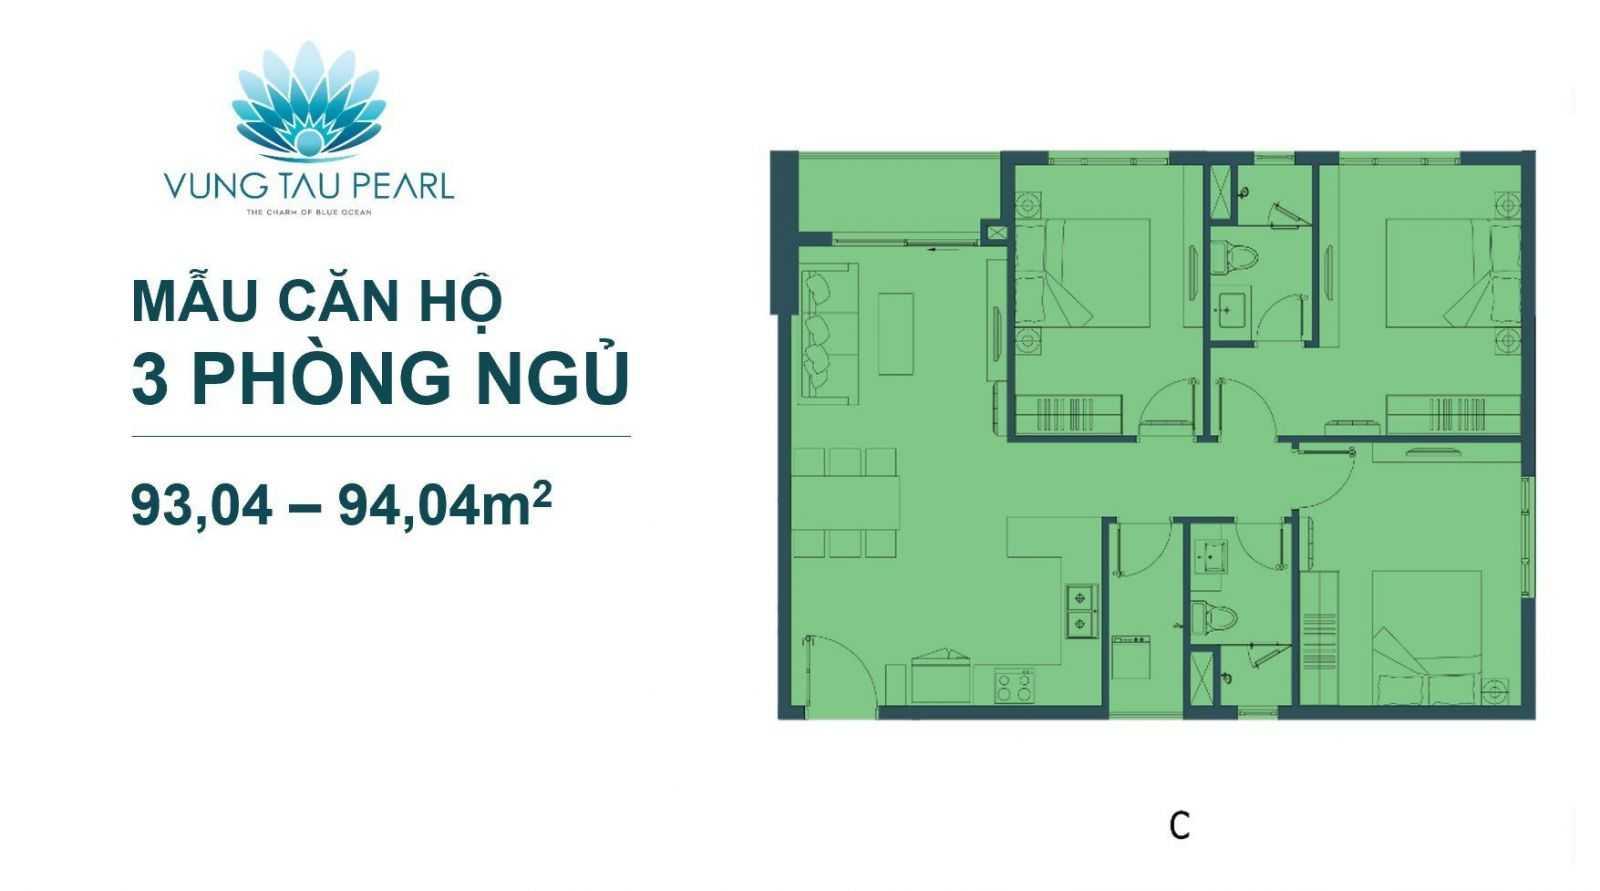 Mẫu Căn Hộ 3 Phòng Ngủ Vung Tau Pearl